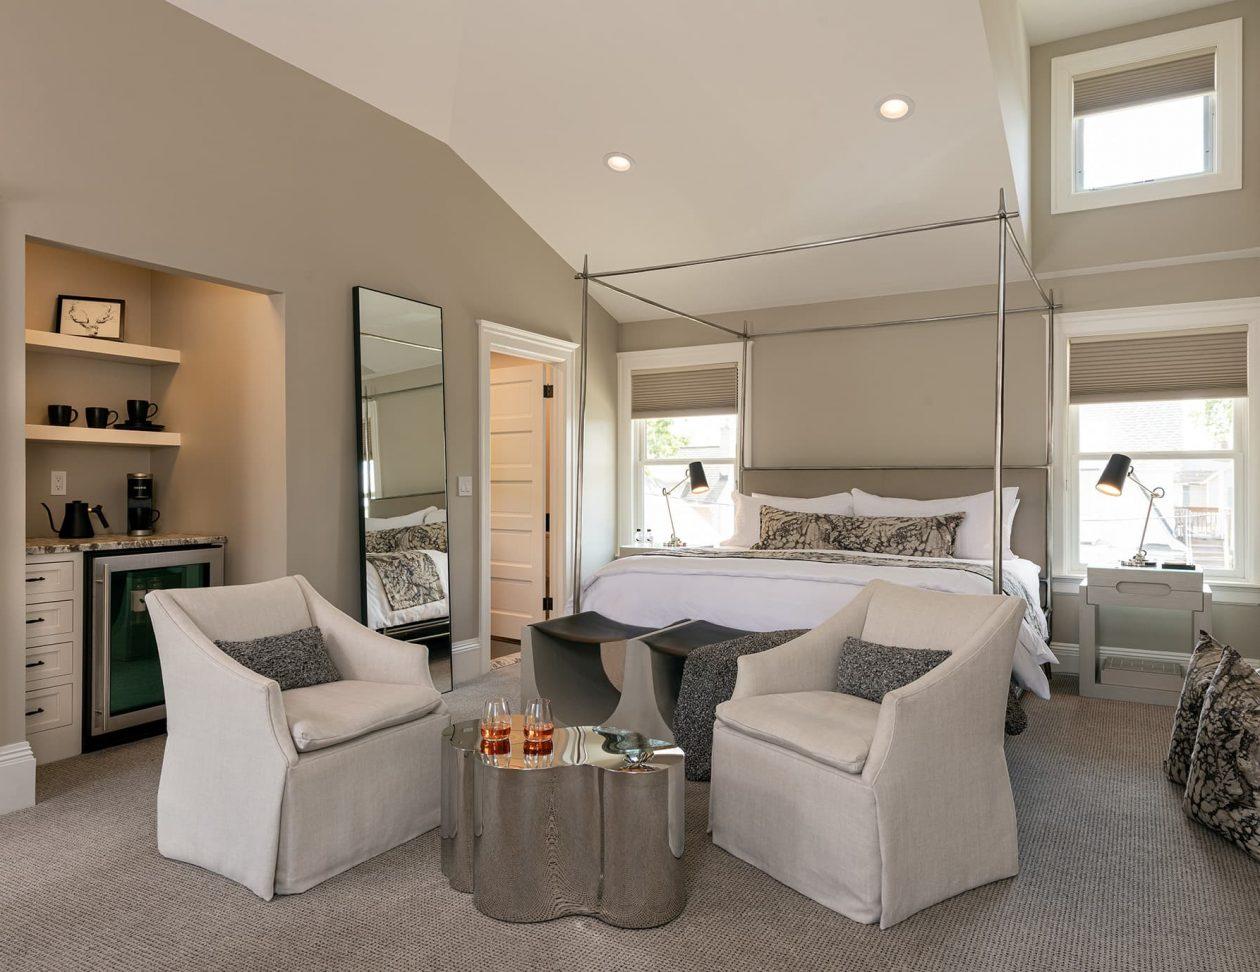 Wren Suite bed & seating